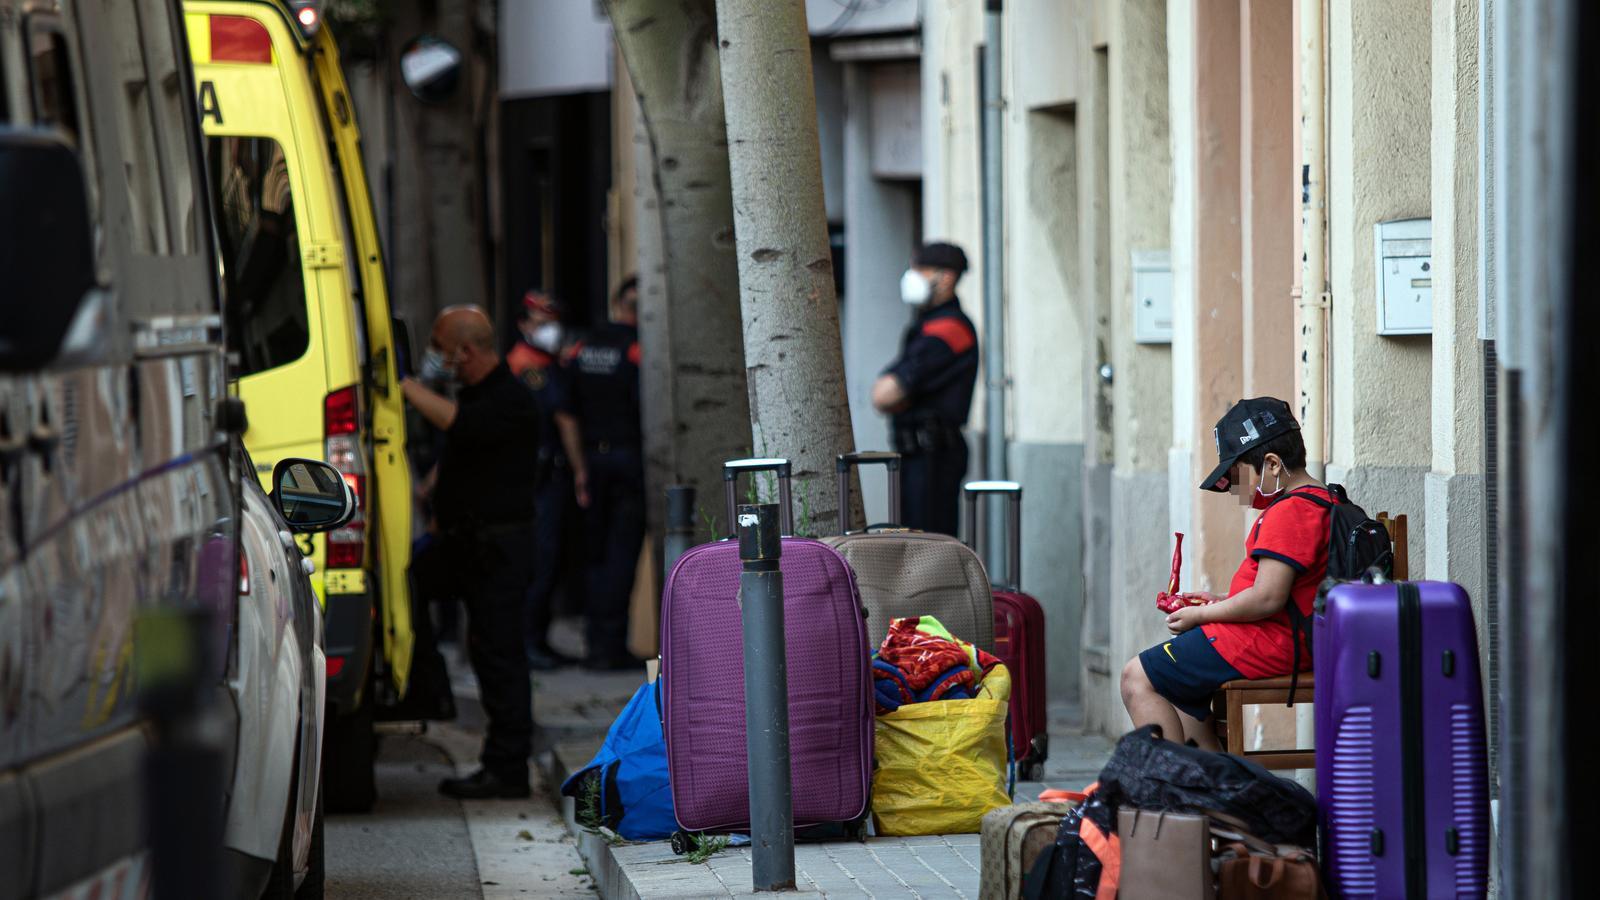 Les màfies tensen el conflicte per l'ocupació il·legal d'habitatges